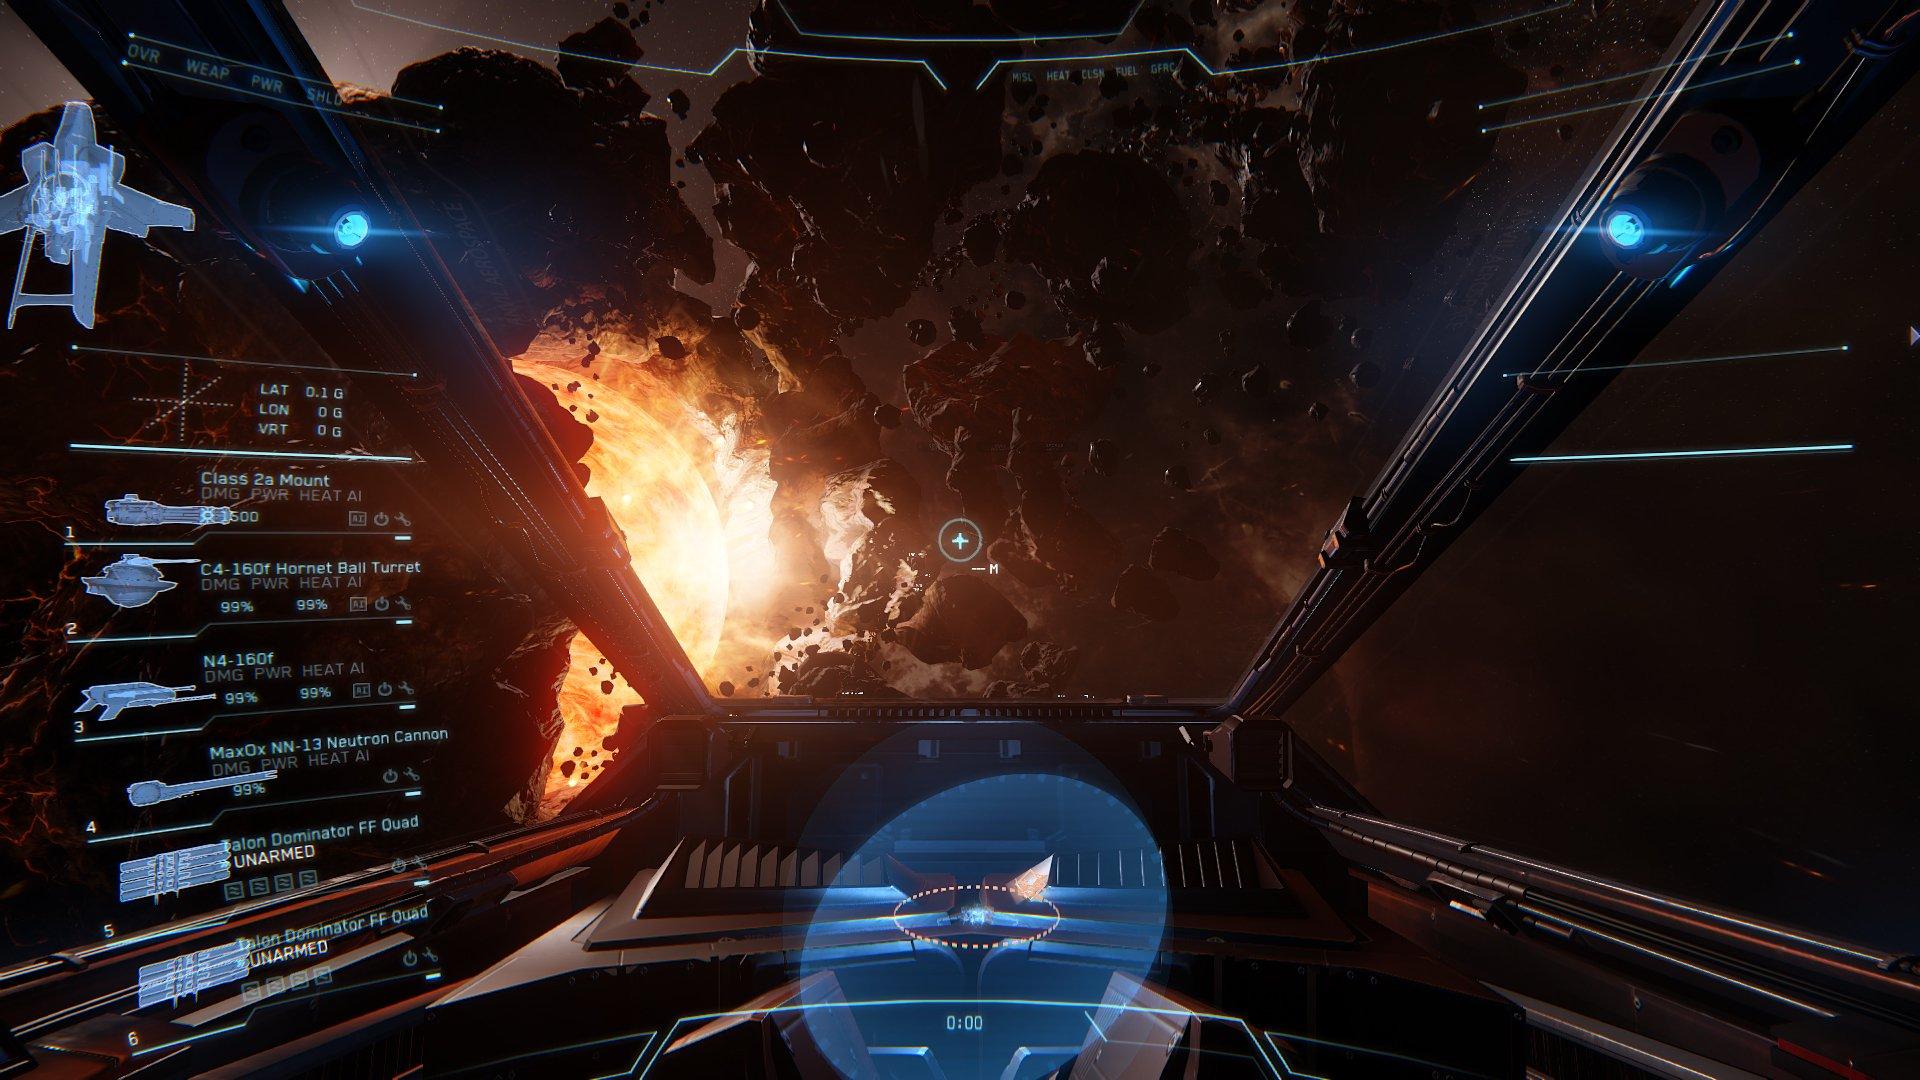 elite dangerous cockpit hd wallpaper - photo #38